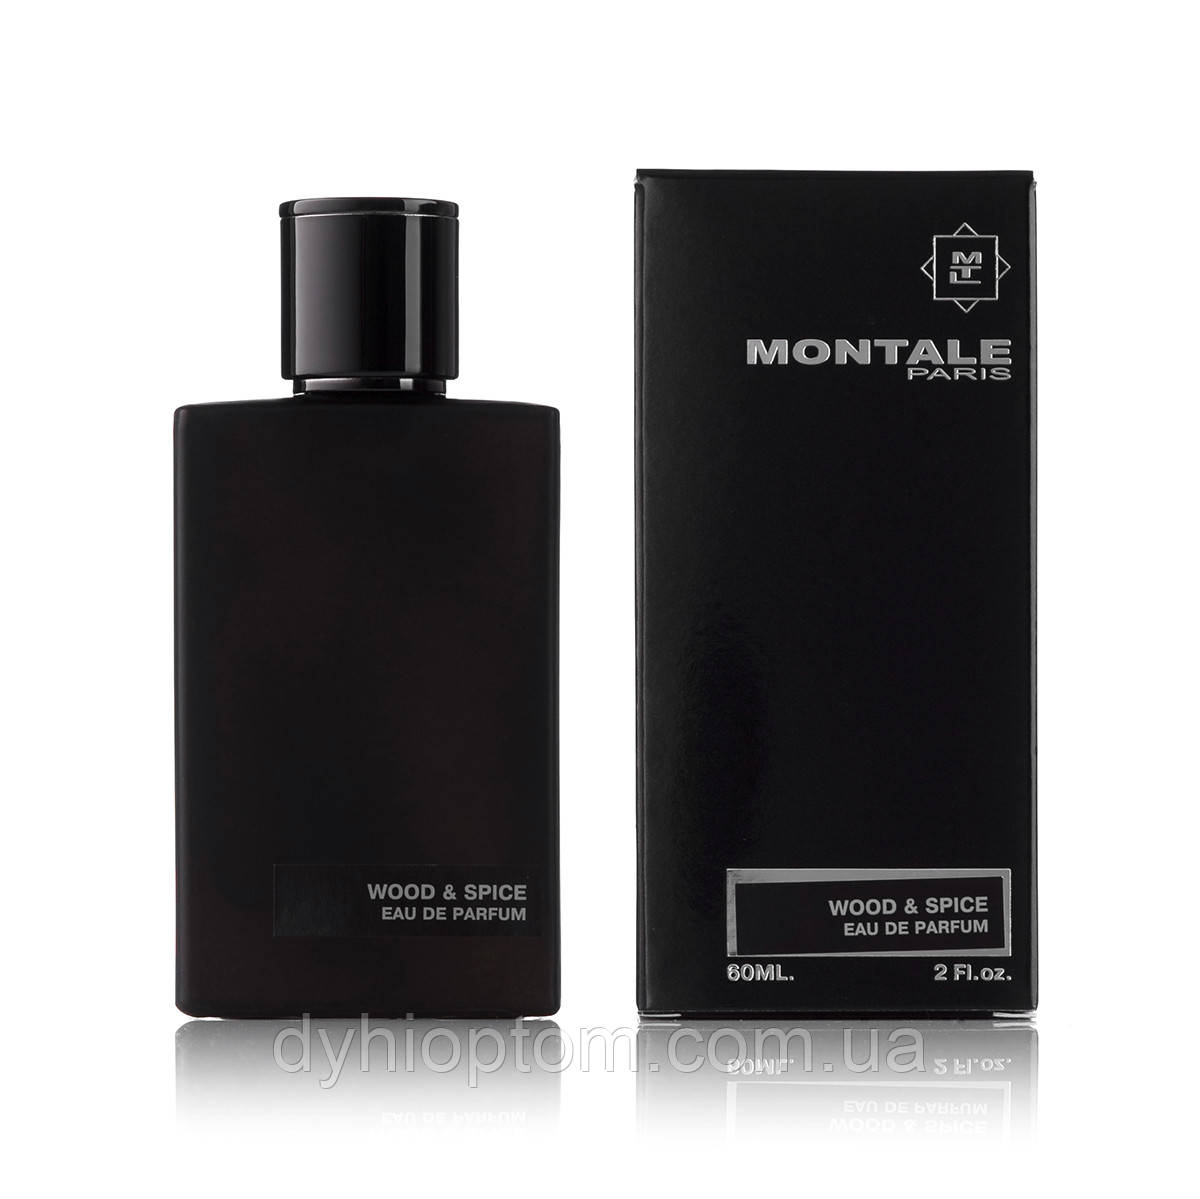 Мини парфюм Montale Wood and Spices 60 мл унисекс